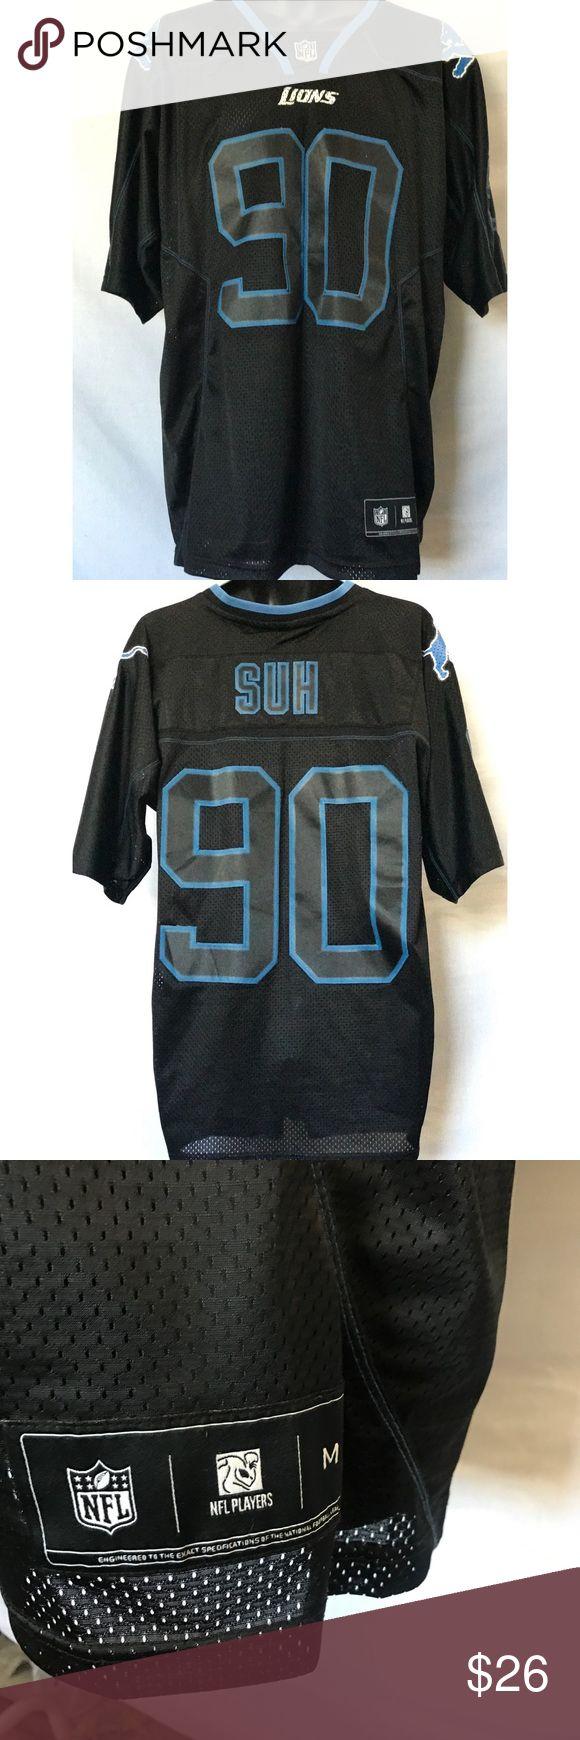 Detroit Lions Jersey Ndamukong Suh Jersey  Size medium   Great condition! Shirts